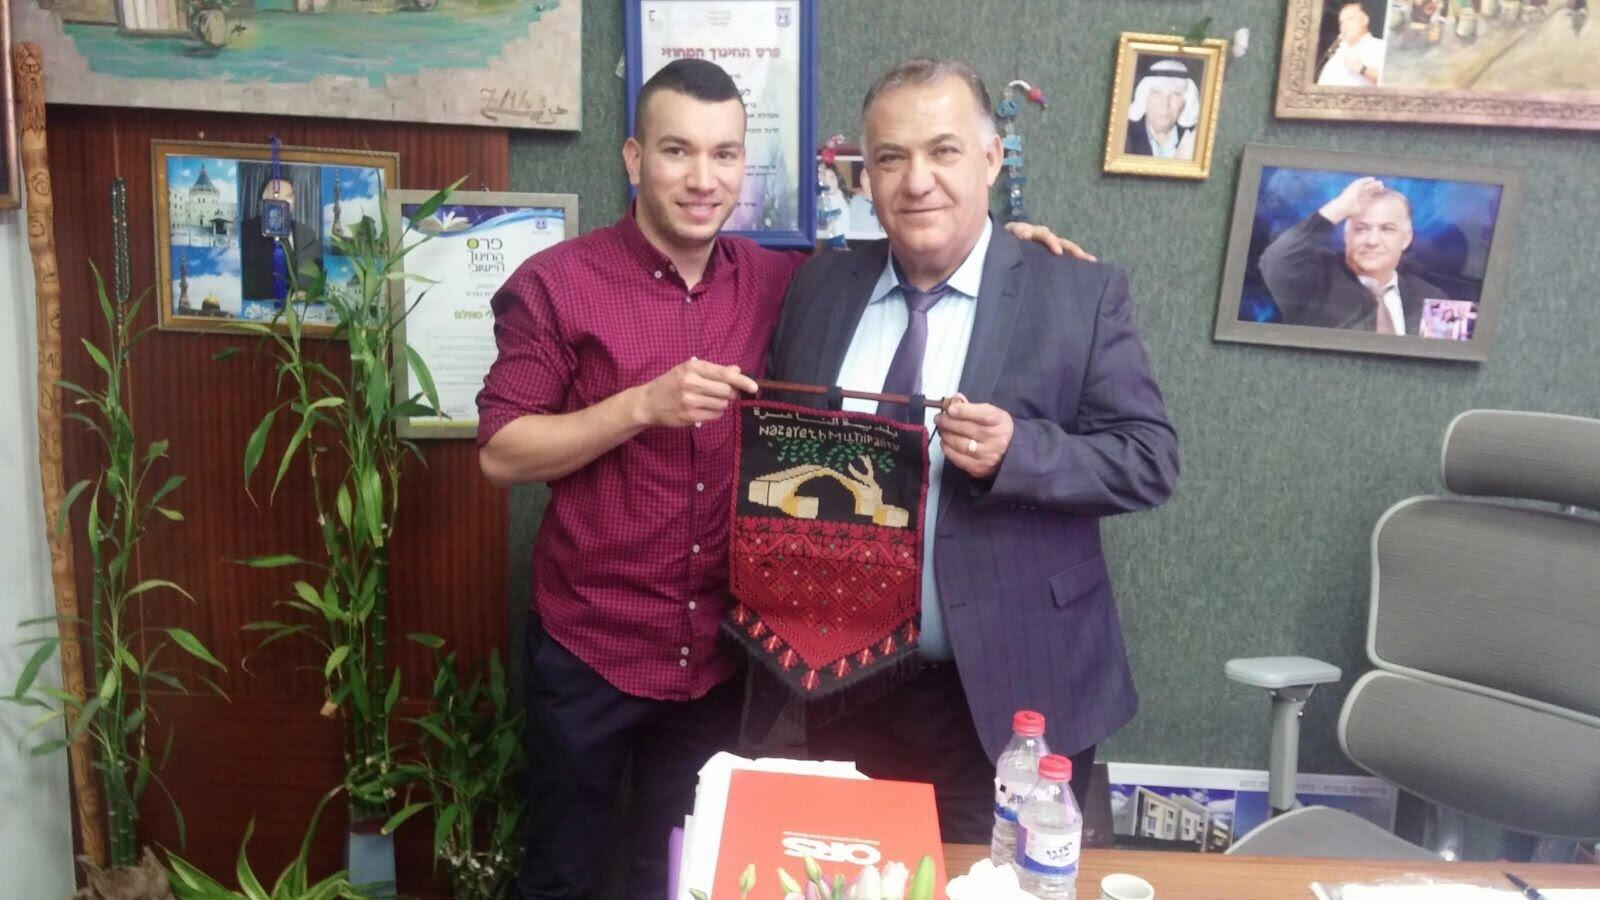 النصراوي اسيل عرفات صفدي يتألق في فن الطهي ويلتقي رئيس بلدية الناصرة